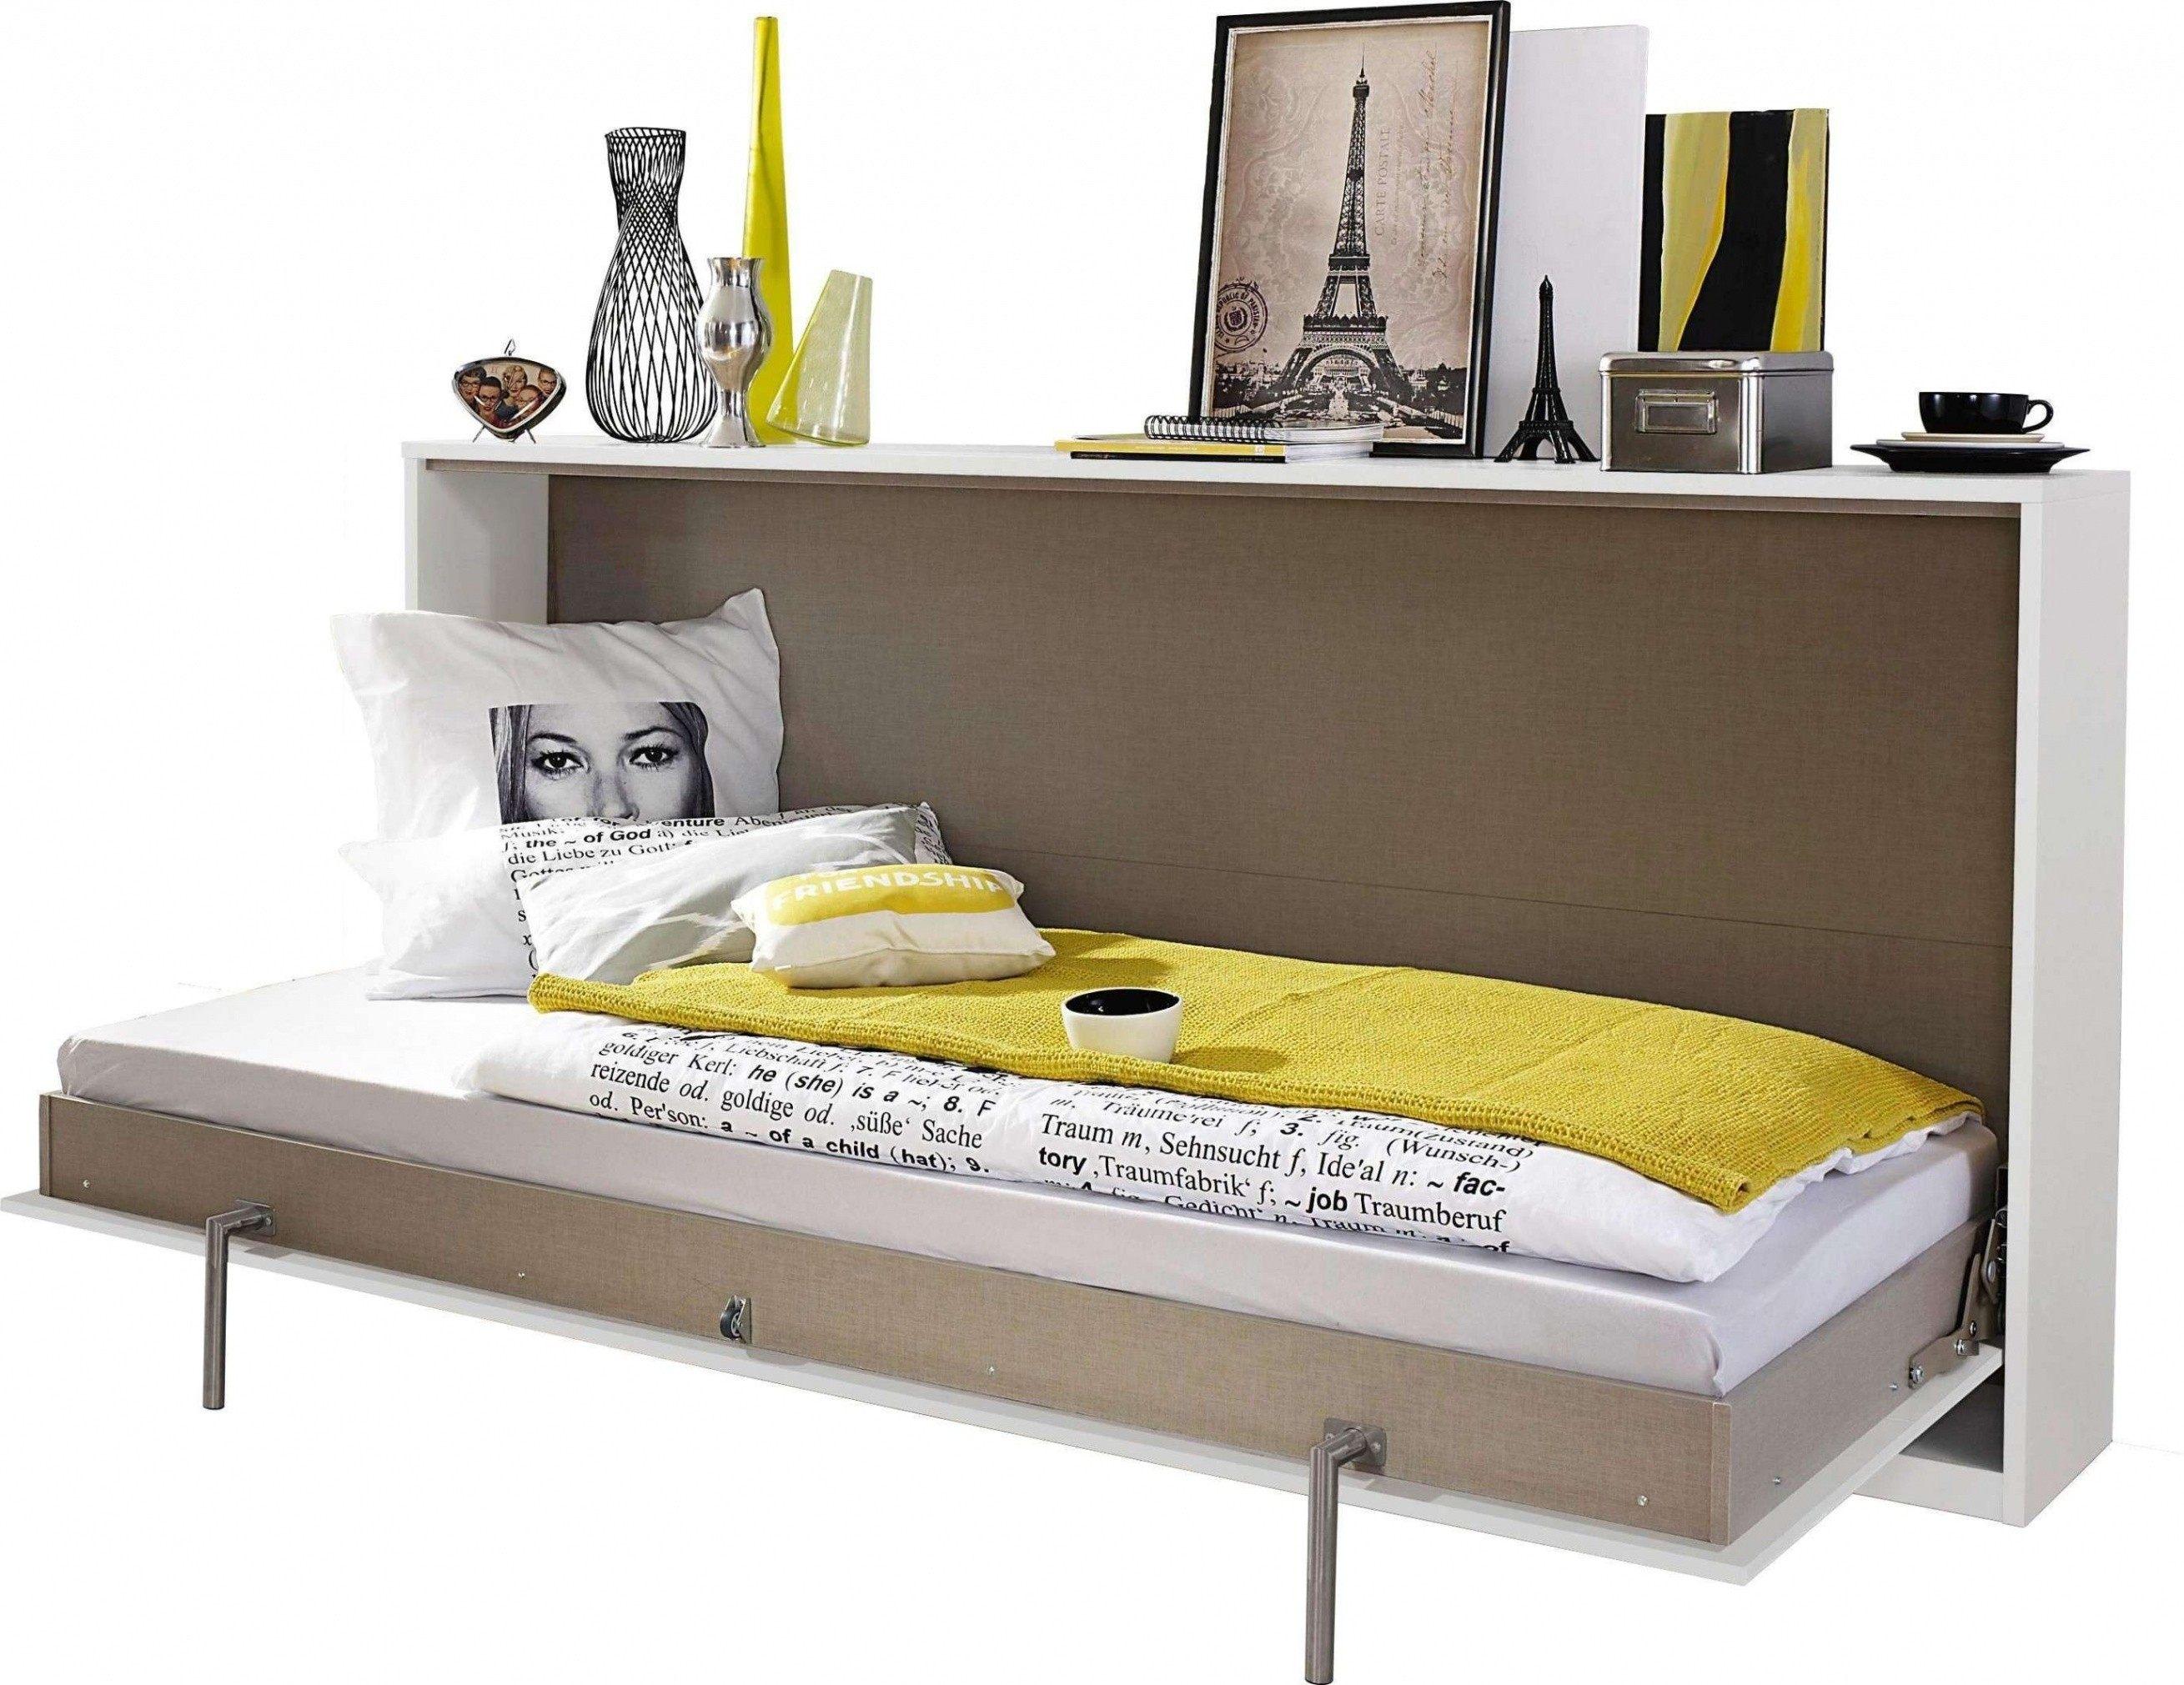 Lit Malm Ikea 90 Charmant Lit Malm Ikea Le Meilleur De sove Lit 180 Cm — sovedis Aquatabs